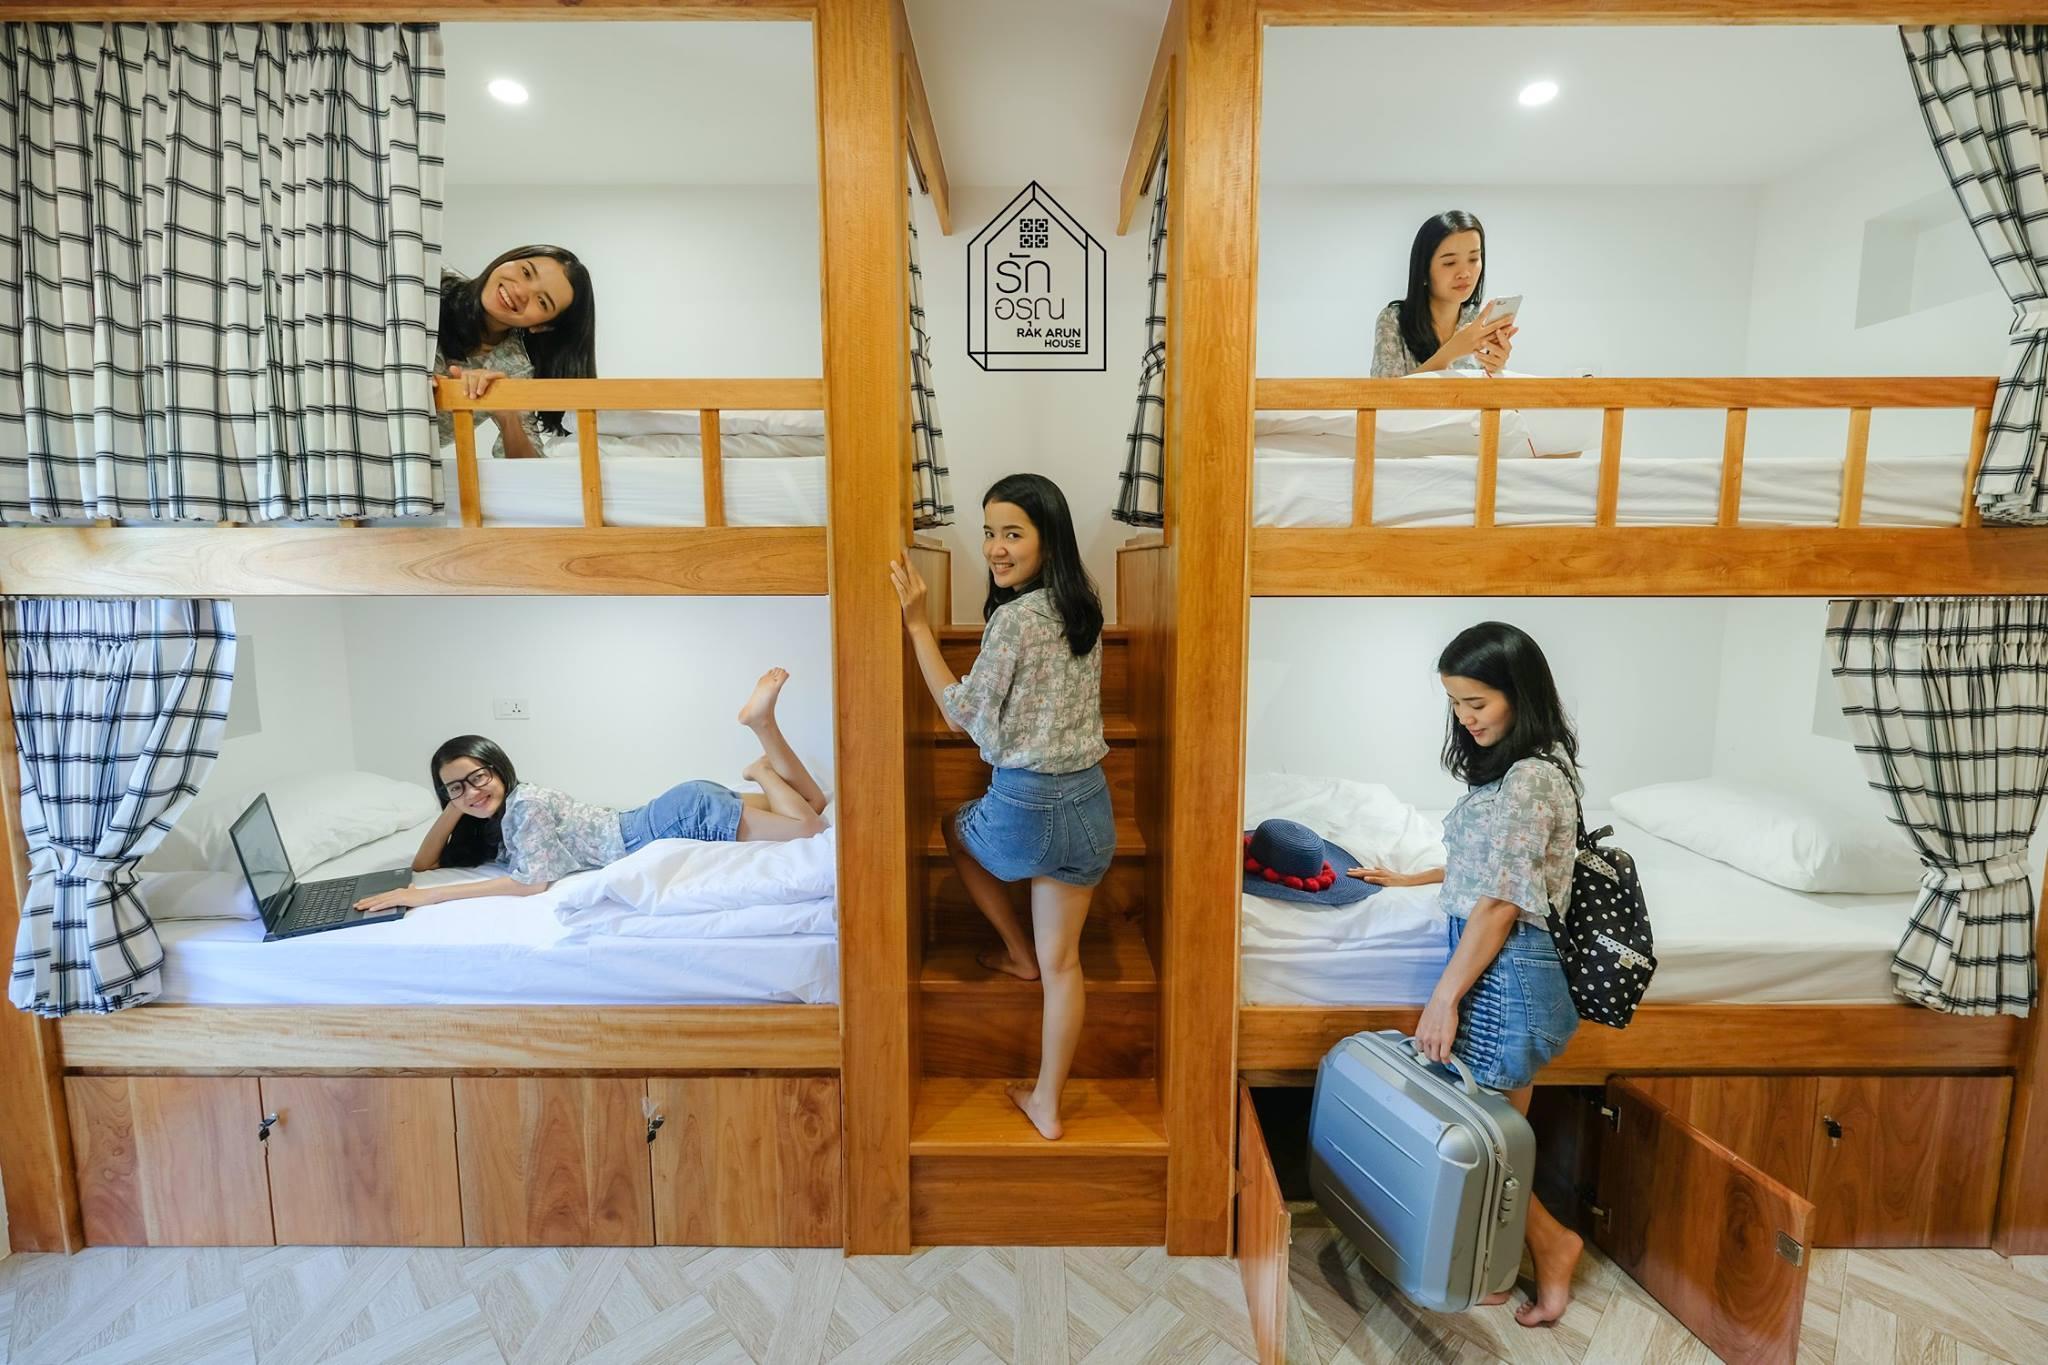 Rak Arun House  8 Bed Mixed Dormitory Room